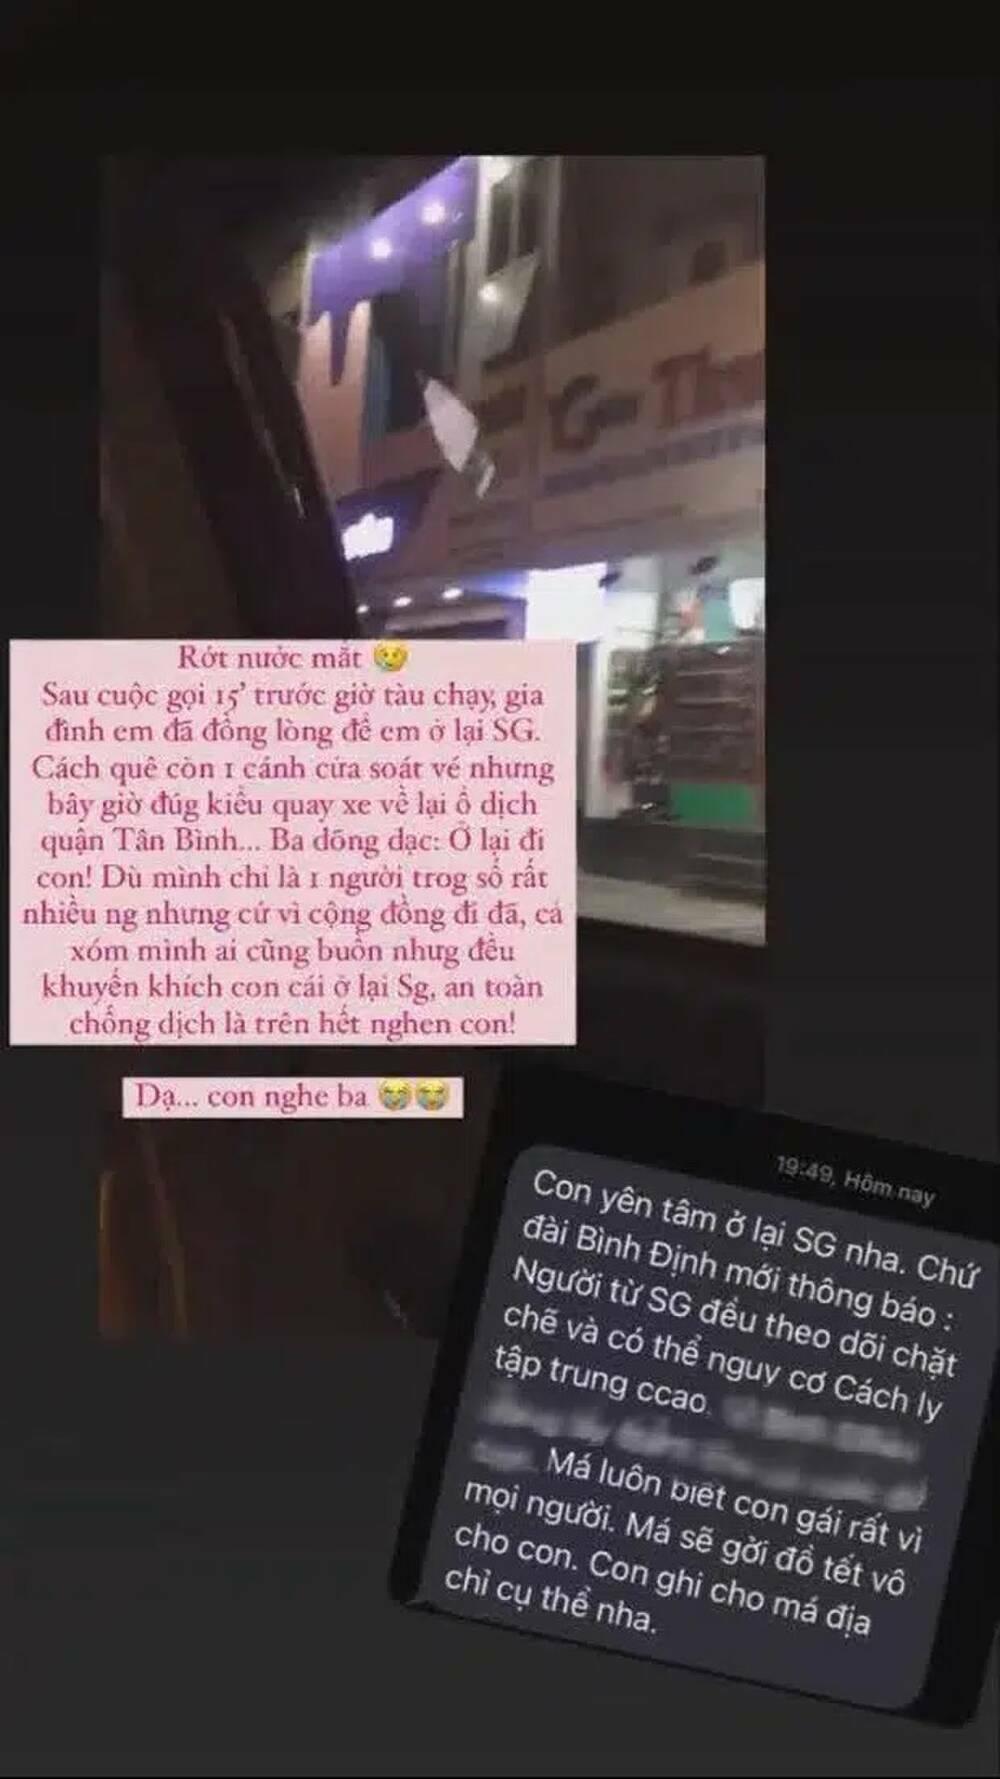 15 phút trước khi tàu chạy, cô gái Bình Định quyết định ở lại Sài Gòn đón Tết sau cuộc gọi với cha